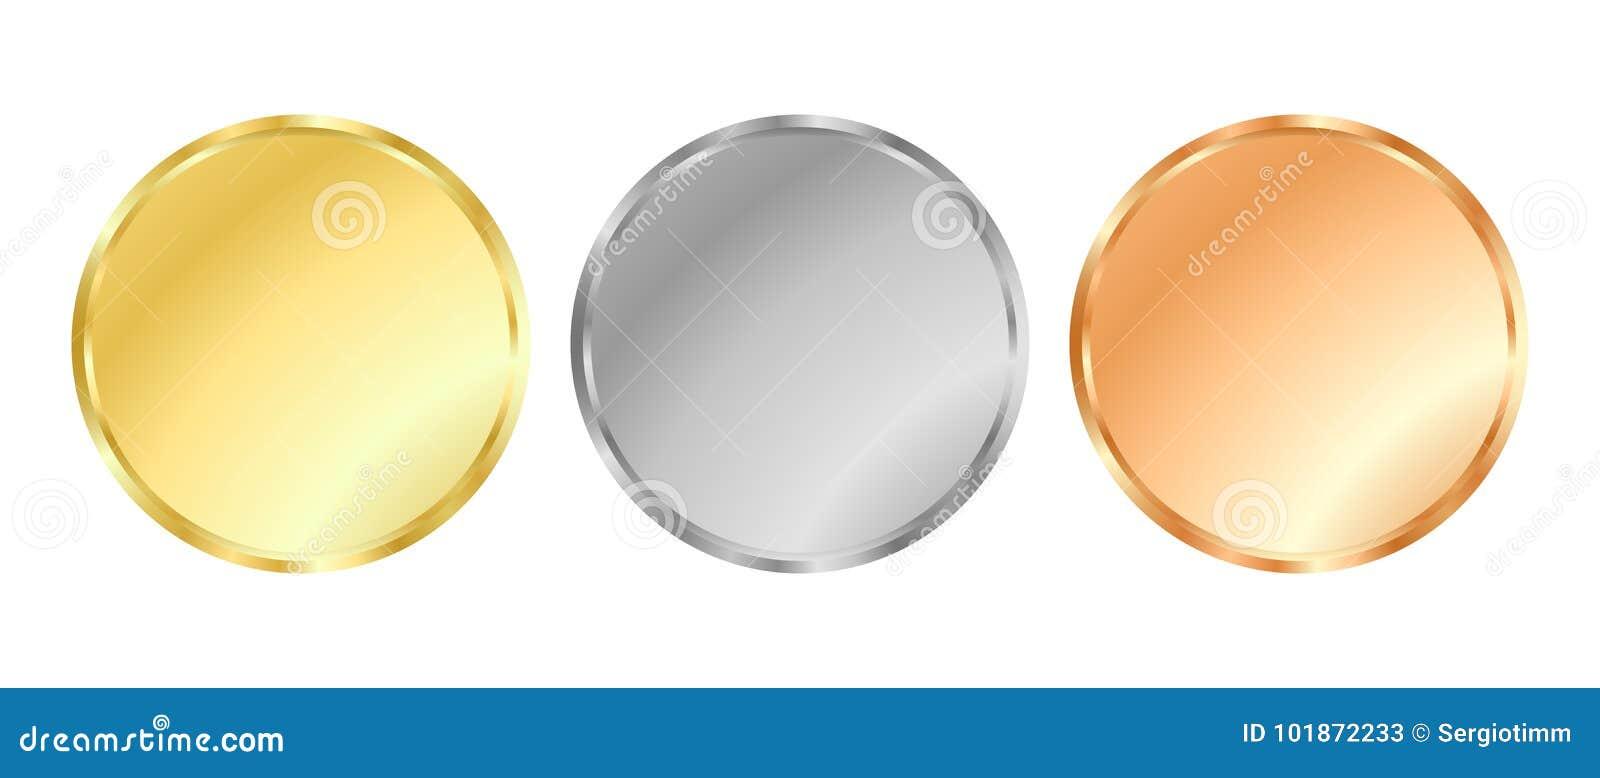 Πρότυπα χρυσού, ασημιών και χάλκινων μεταλλίων